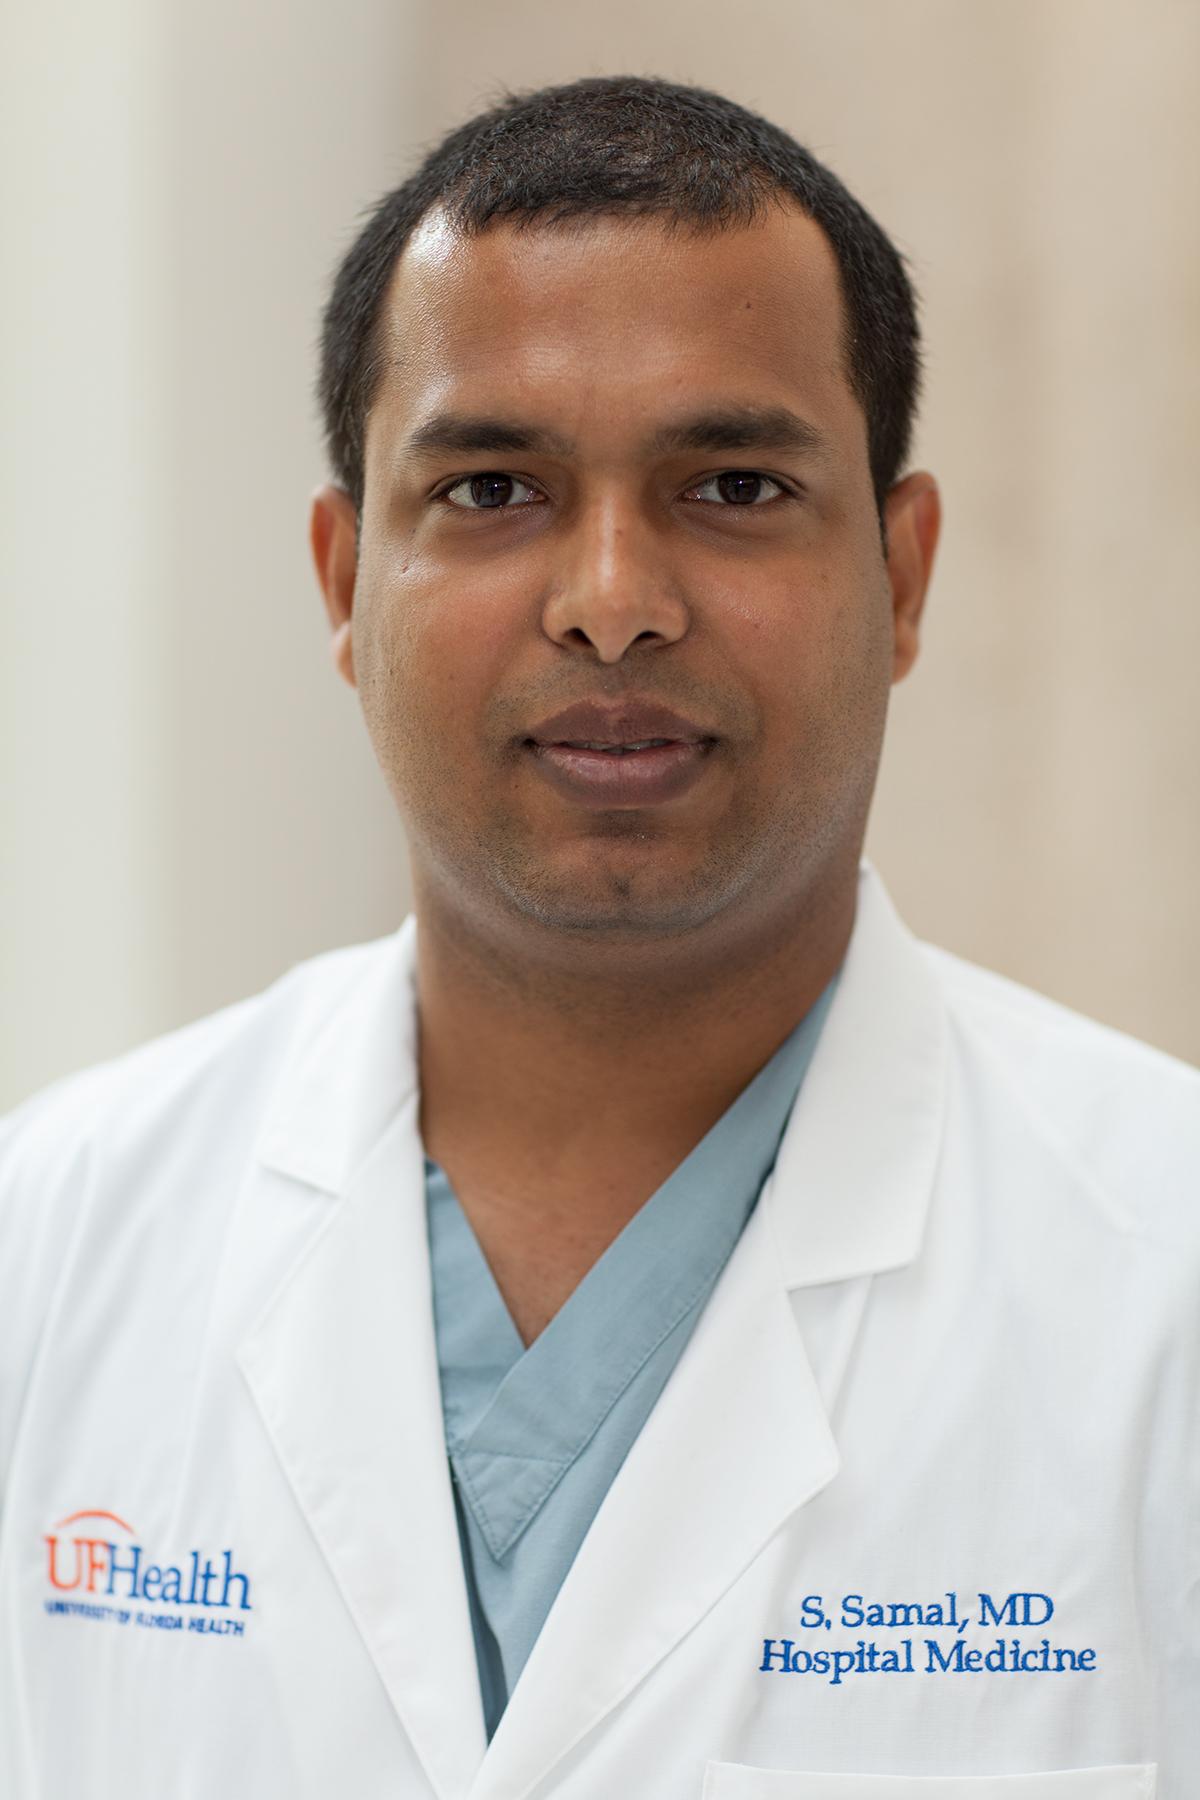 Subhankar Samal, MD » Division of Hospital Medicine